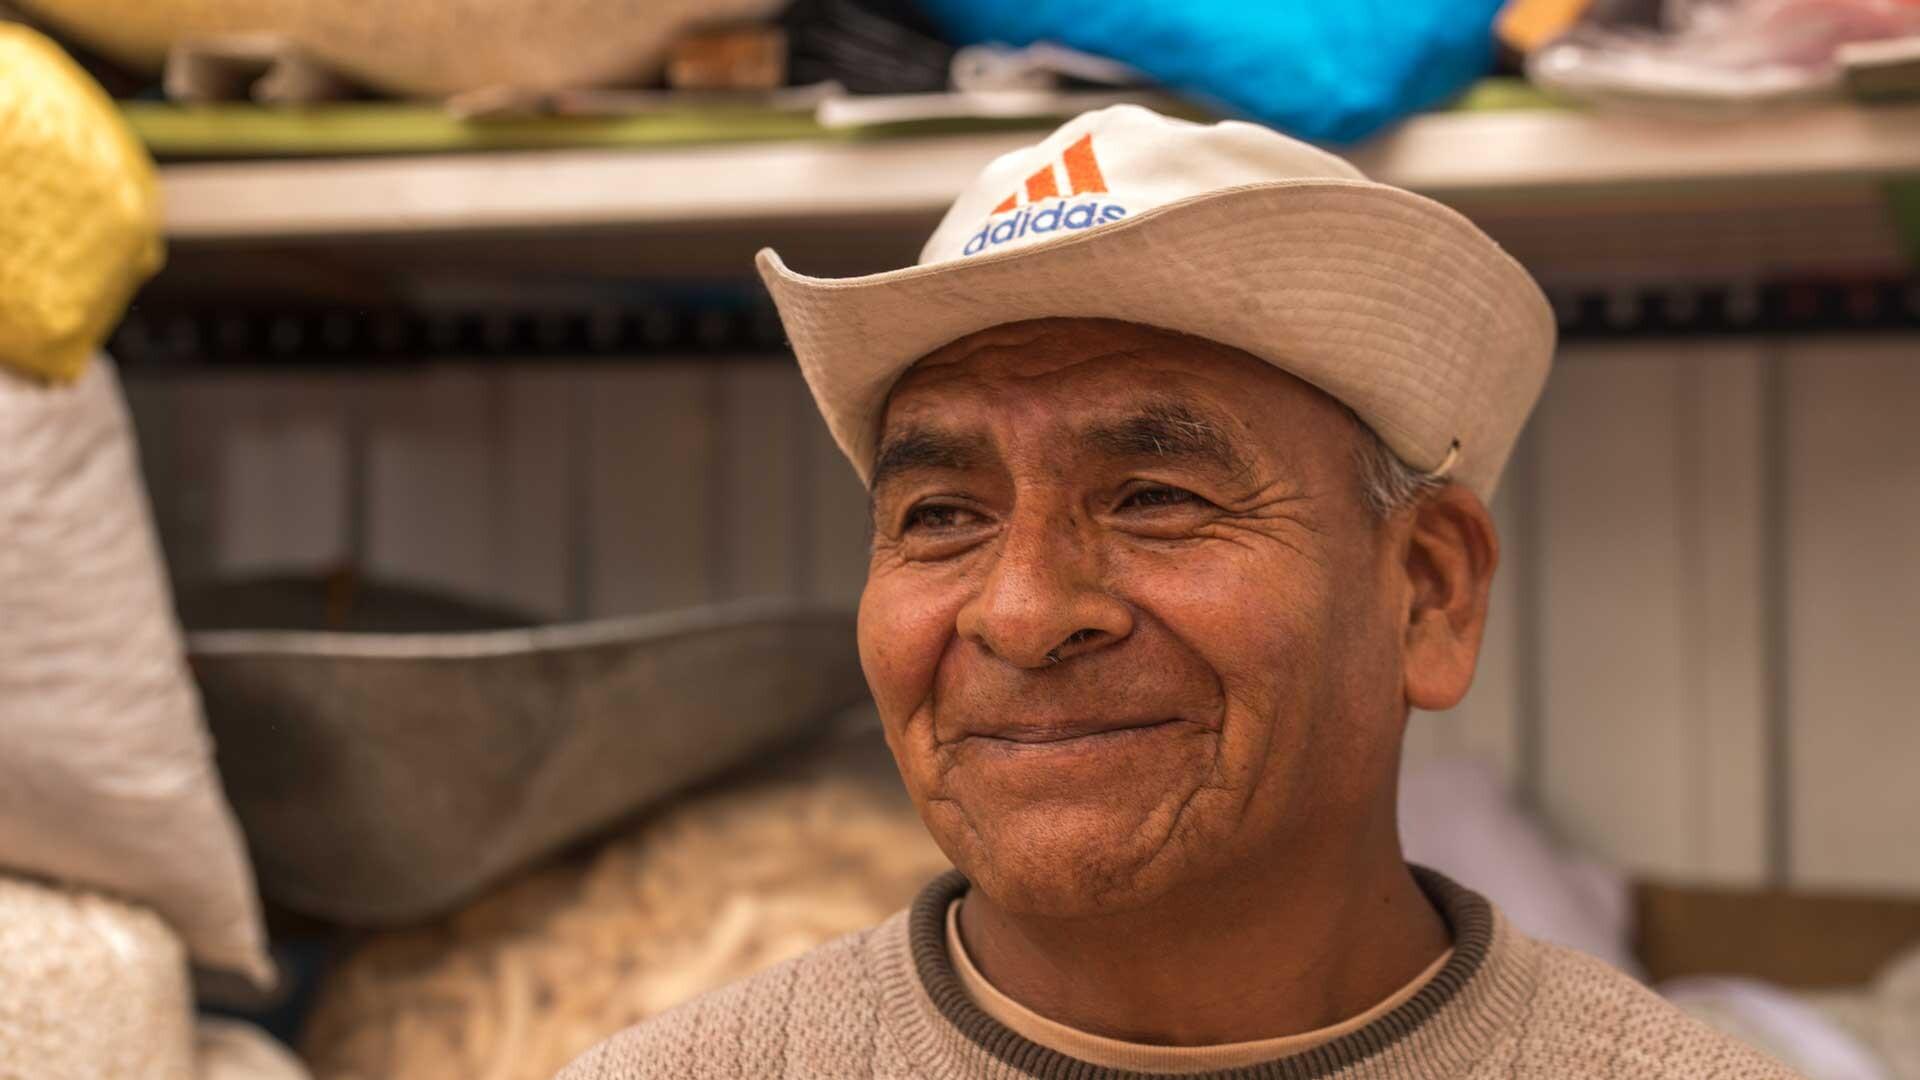 FARBIGER GEHT'S KAUM NOCH - Peru 2016 - Teil 7: Kleine Menschen